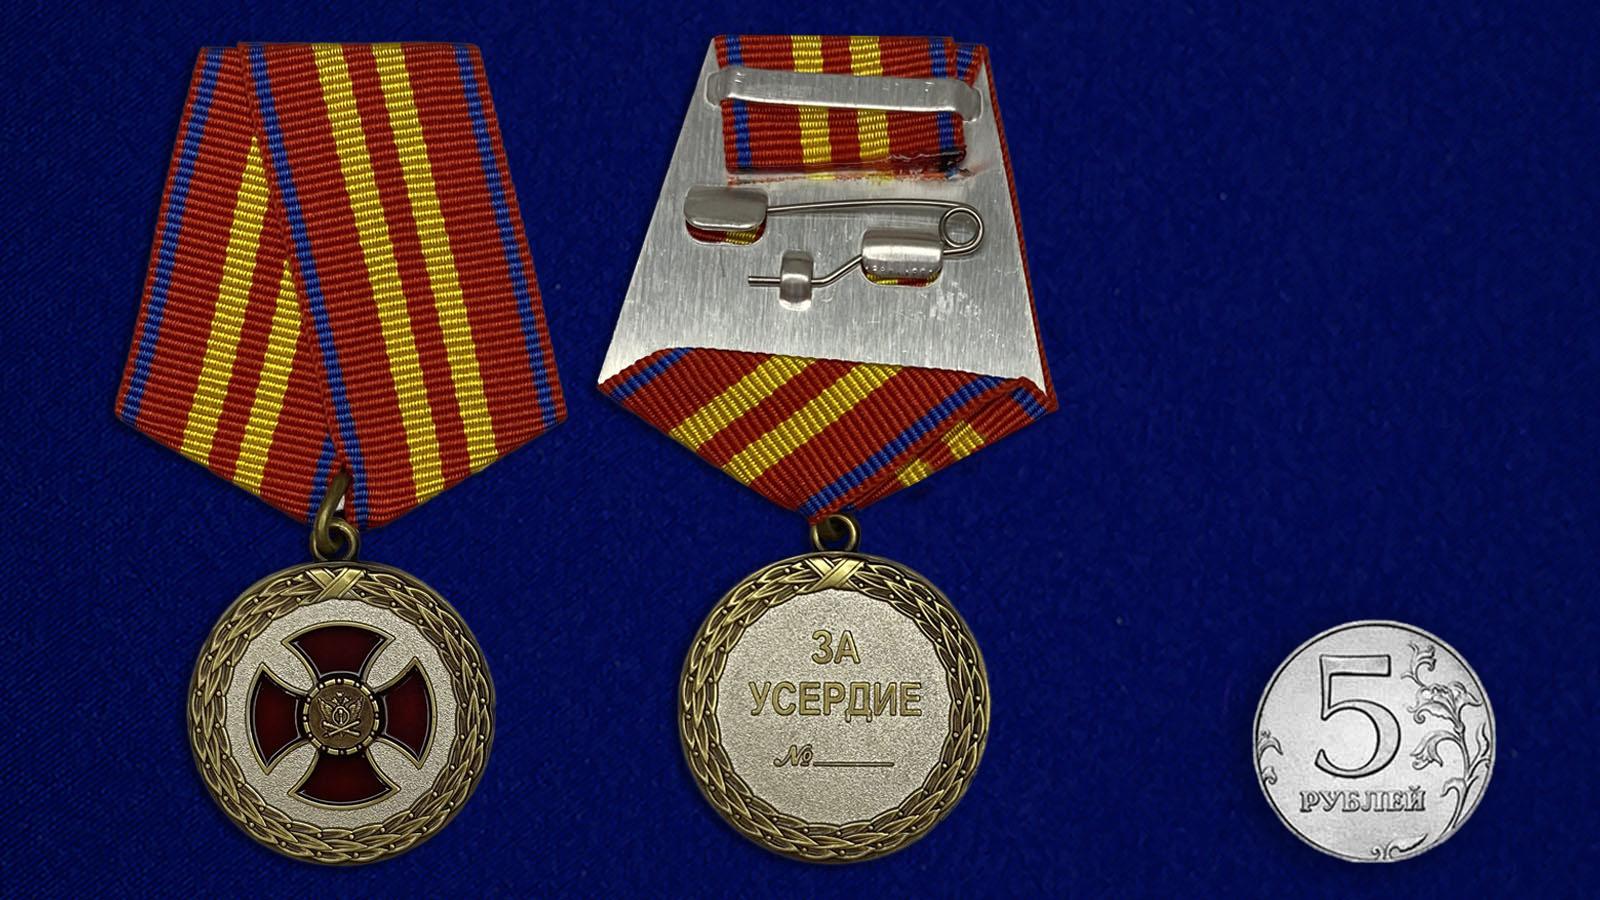 Медаль За усердие 2 степени Минюст России - сравнительный вид